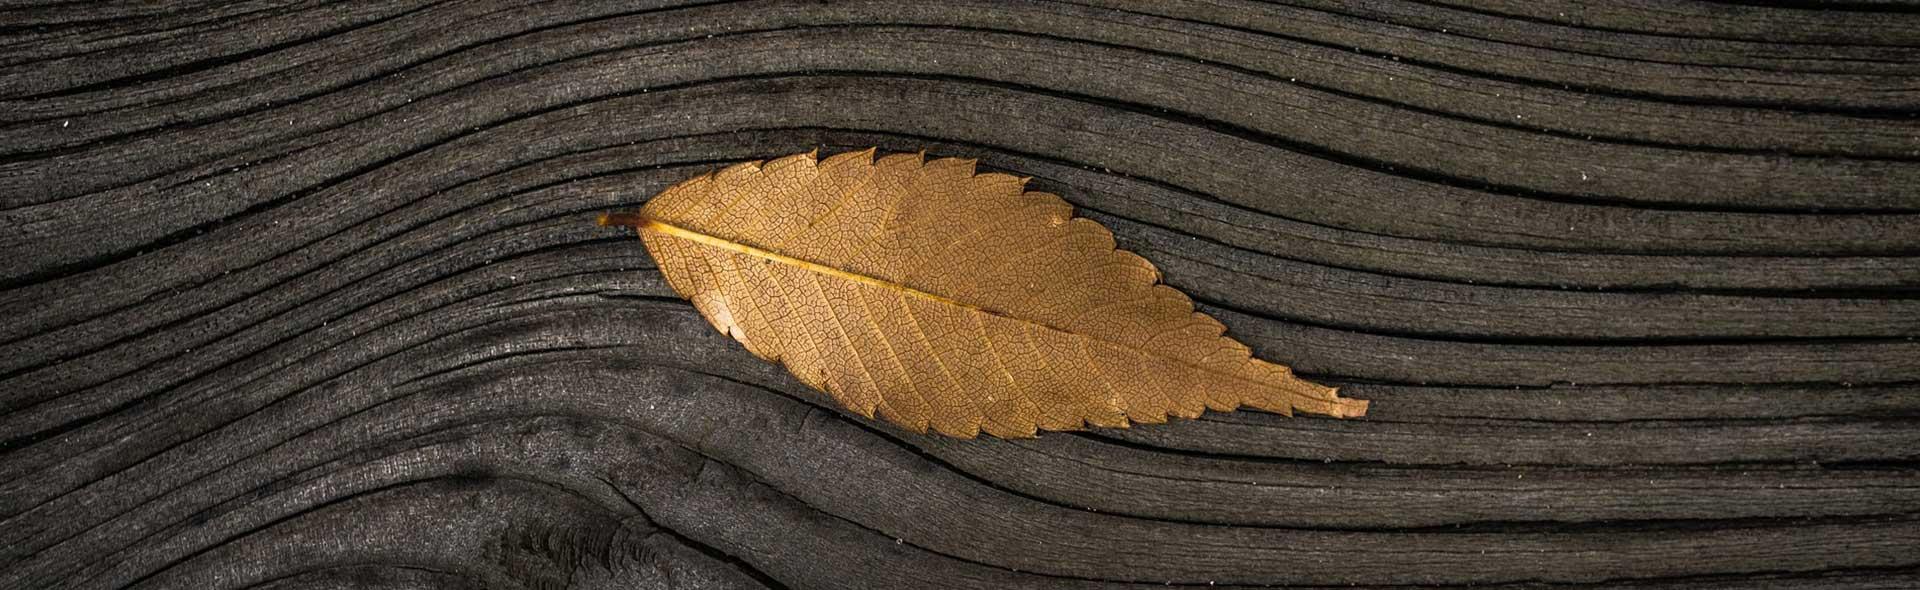 slider leaf